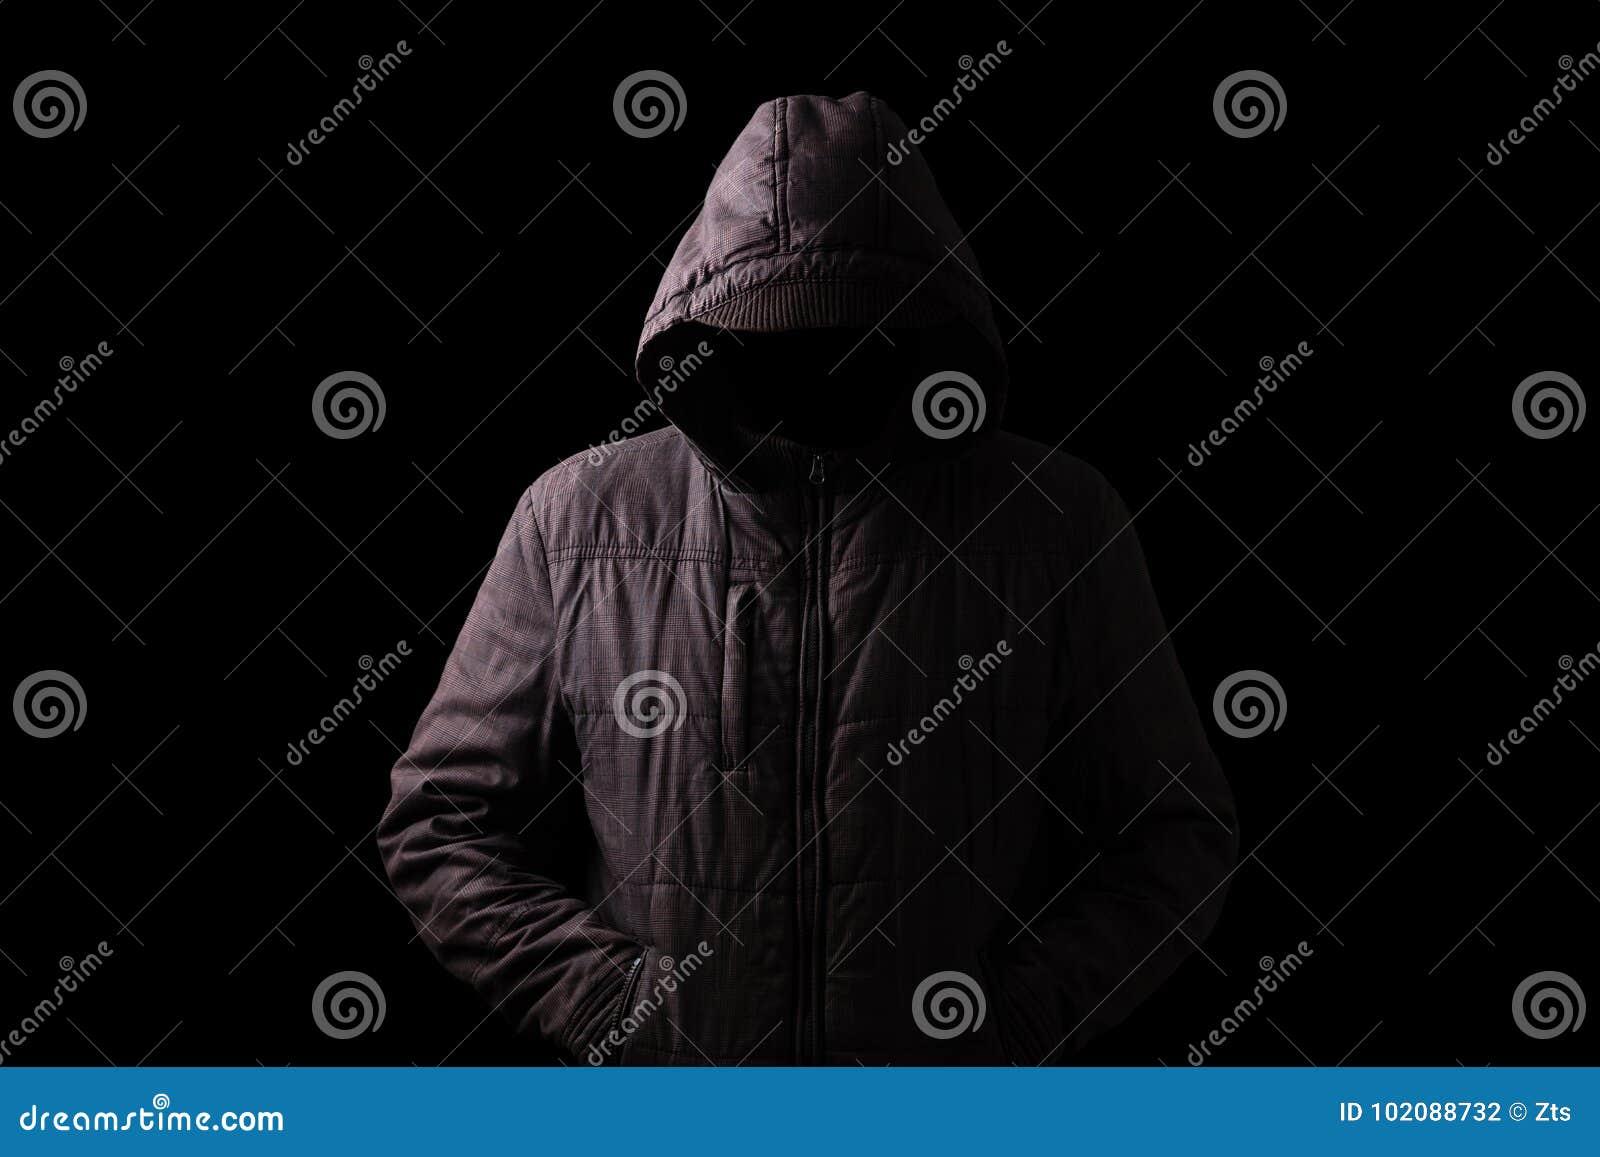 Homme effrayant et rampant se cachant dans les ombres